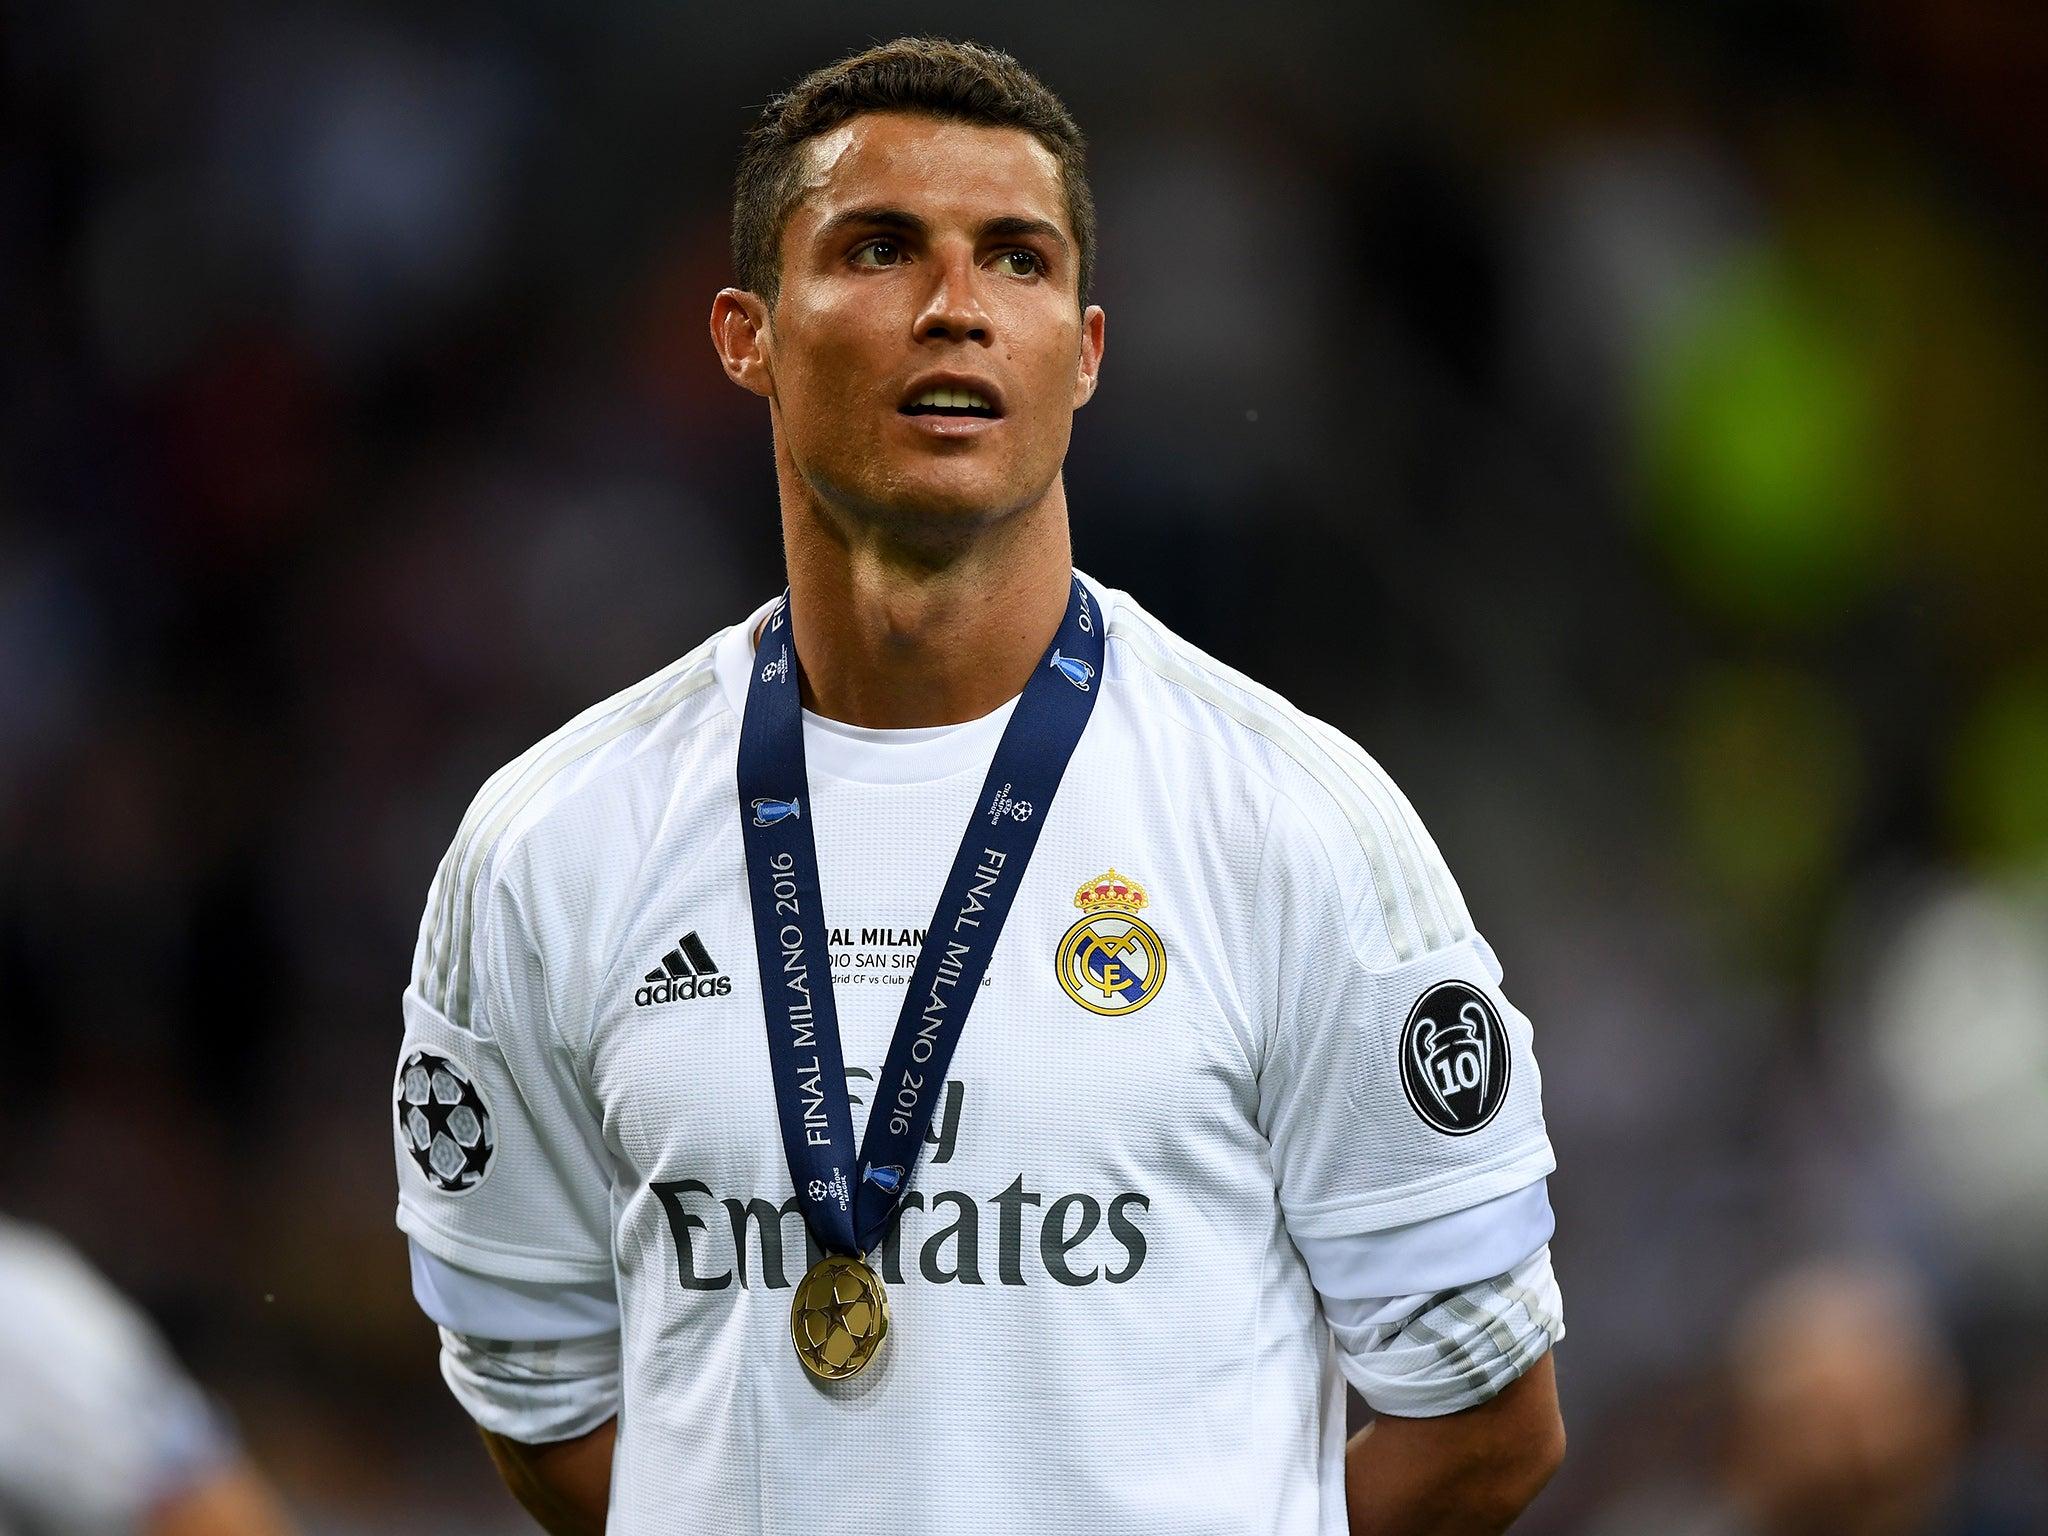 Cristiano Ronaldo Real Madrid forward donates €600 000 Champions